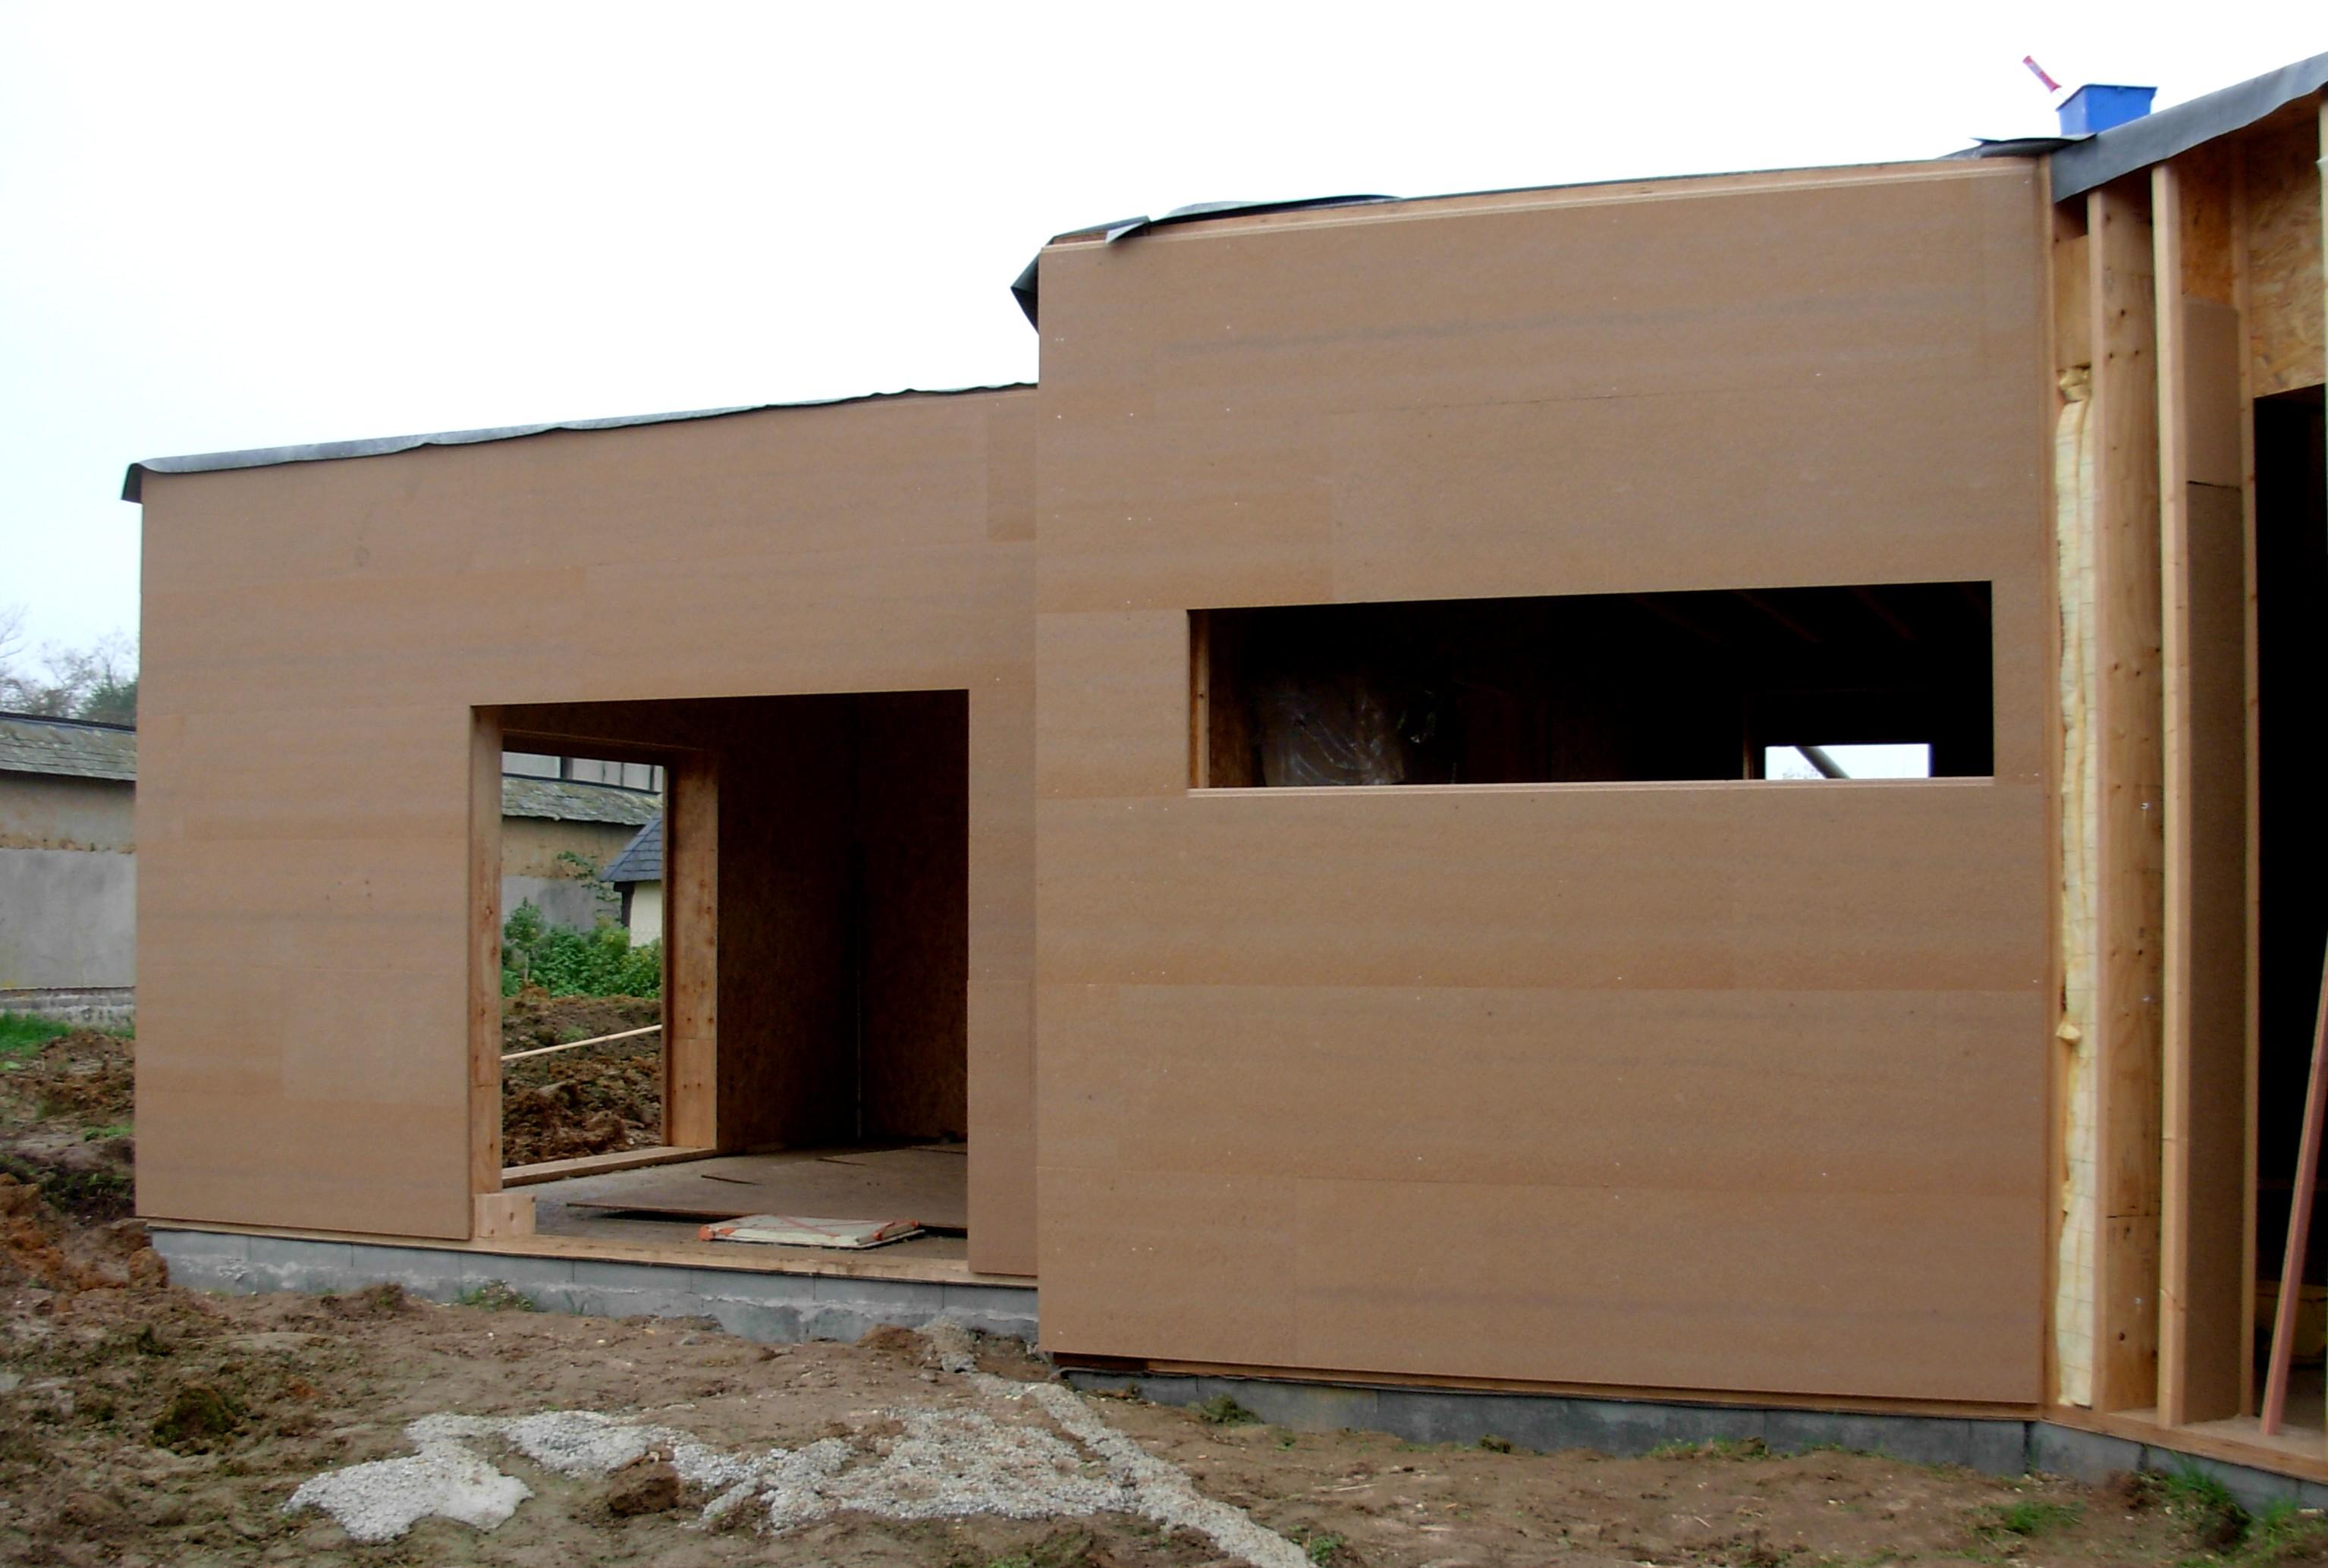 Isolation exterieur pour maison ossature bois ventana blog - Isolation exterieure ossature bois ...